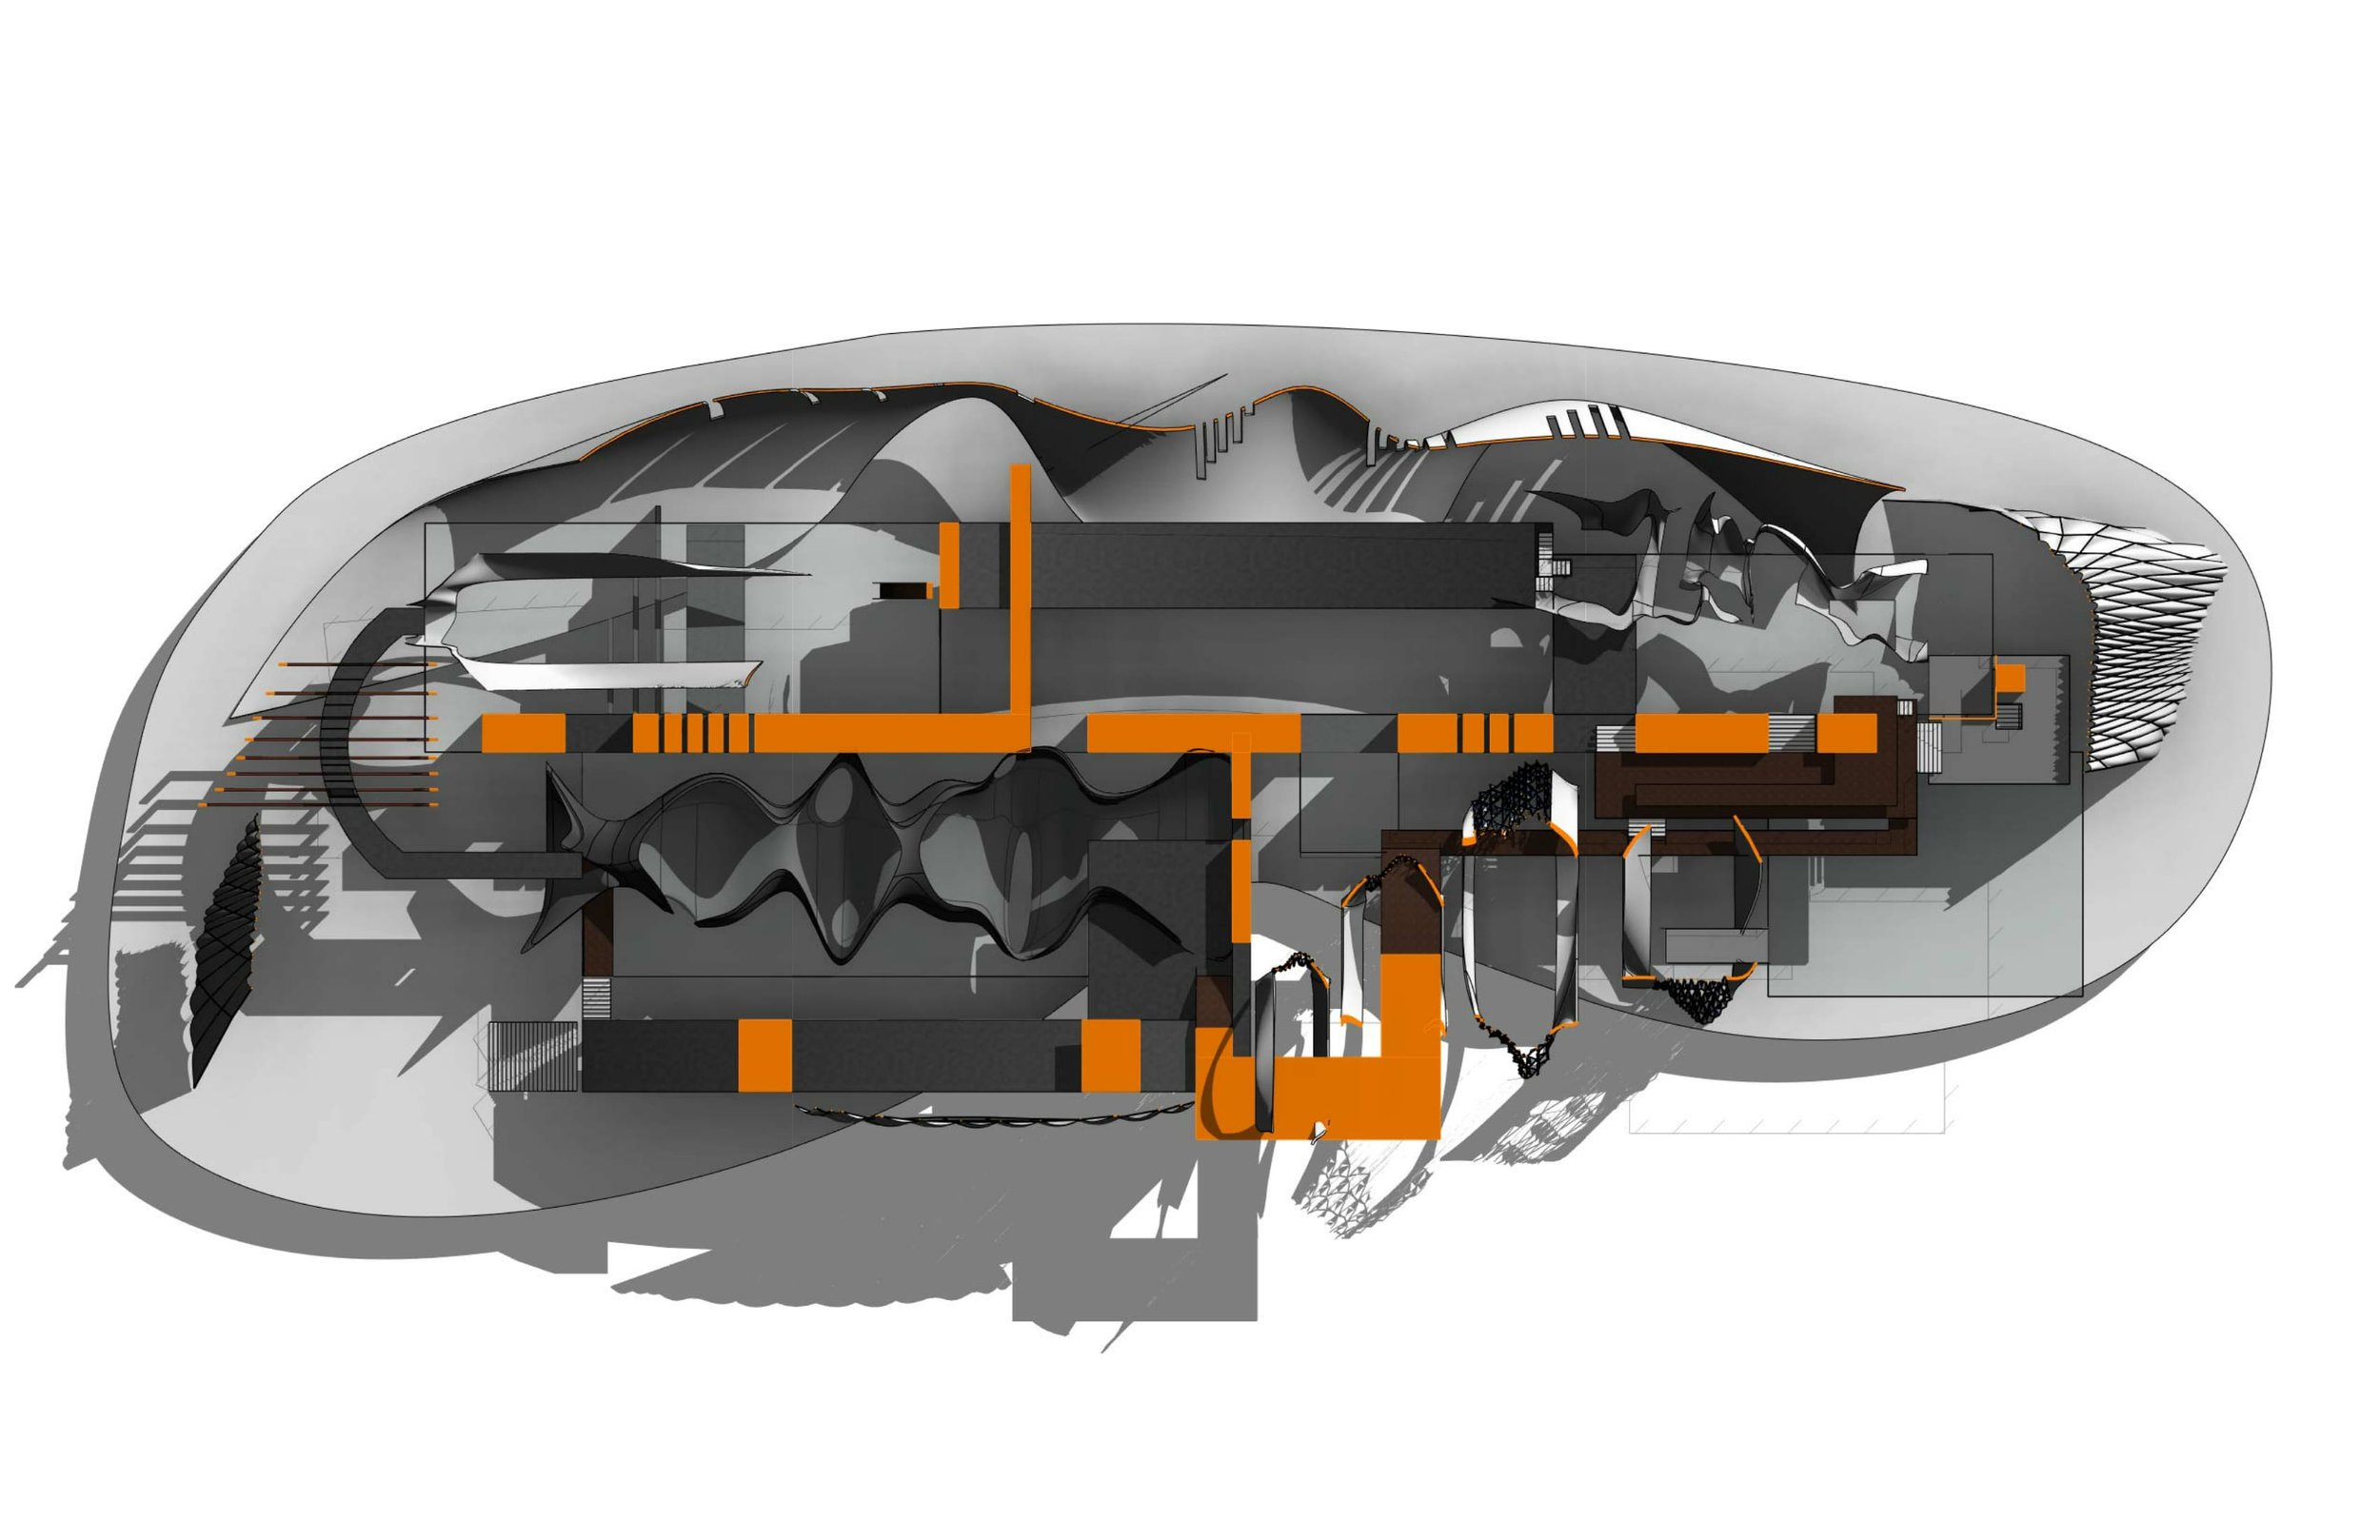 FabiaSainz_A05_FINALE (2)sgd - 3D View - FINAL - Plan 2-1.jpg